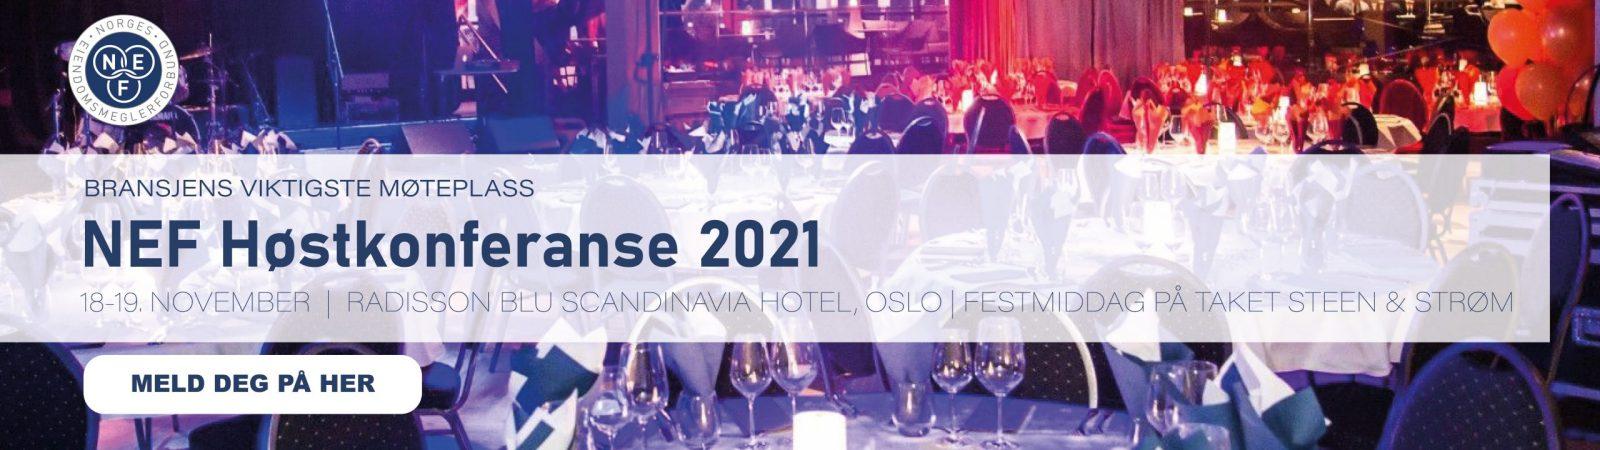 Meld deg på NEF Høstkonferanse 2021